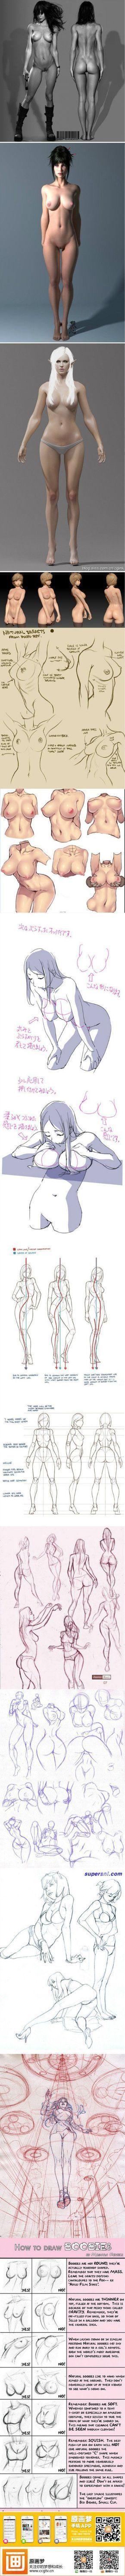 Bigswitchbladeknife.com likes drawing Body anatomy. How to draw females